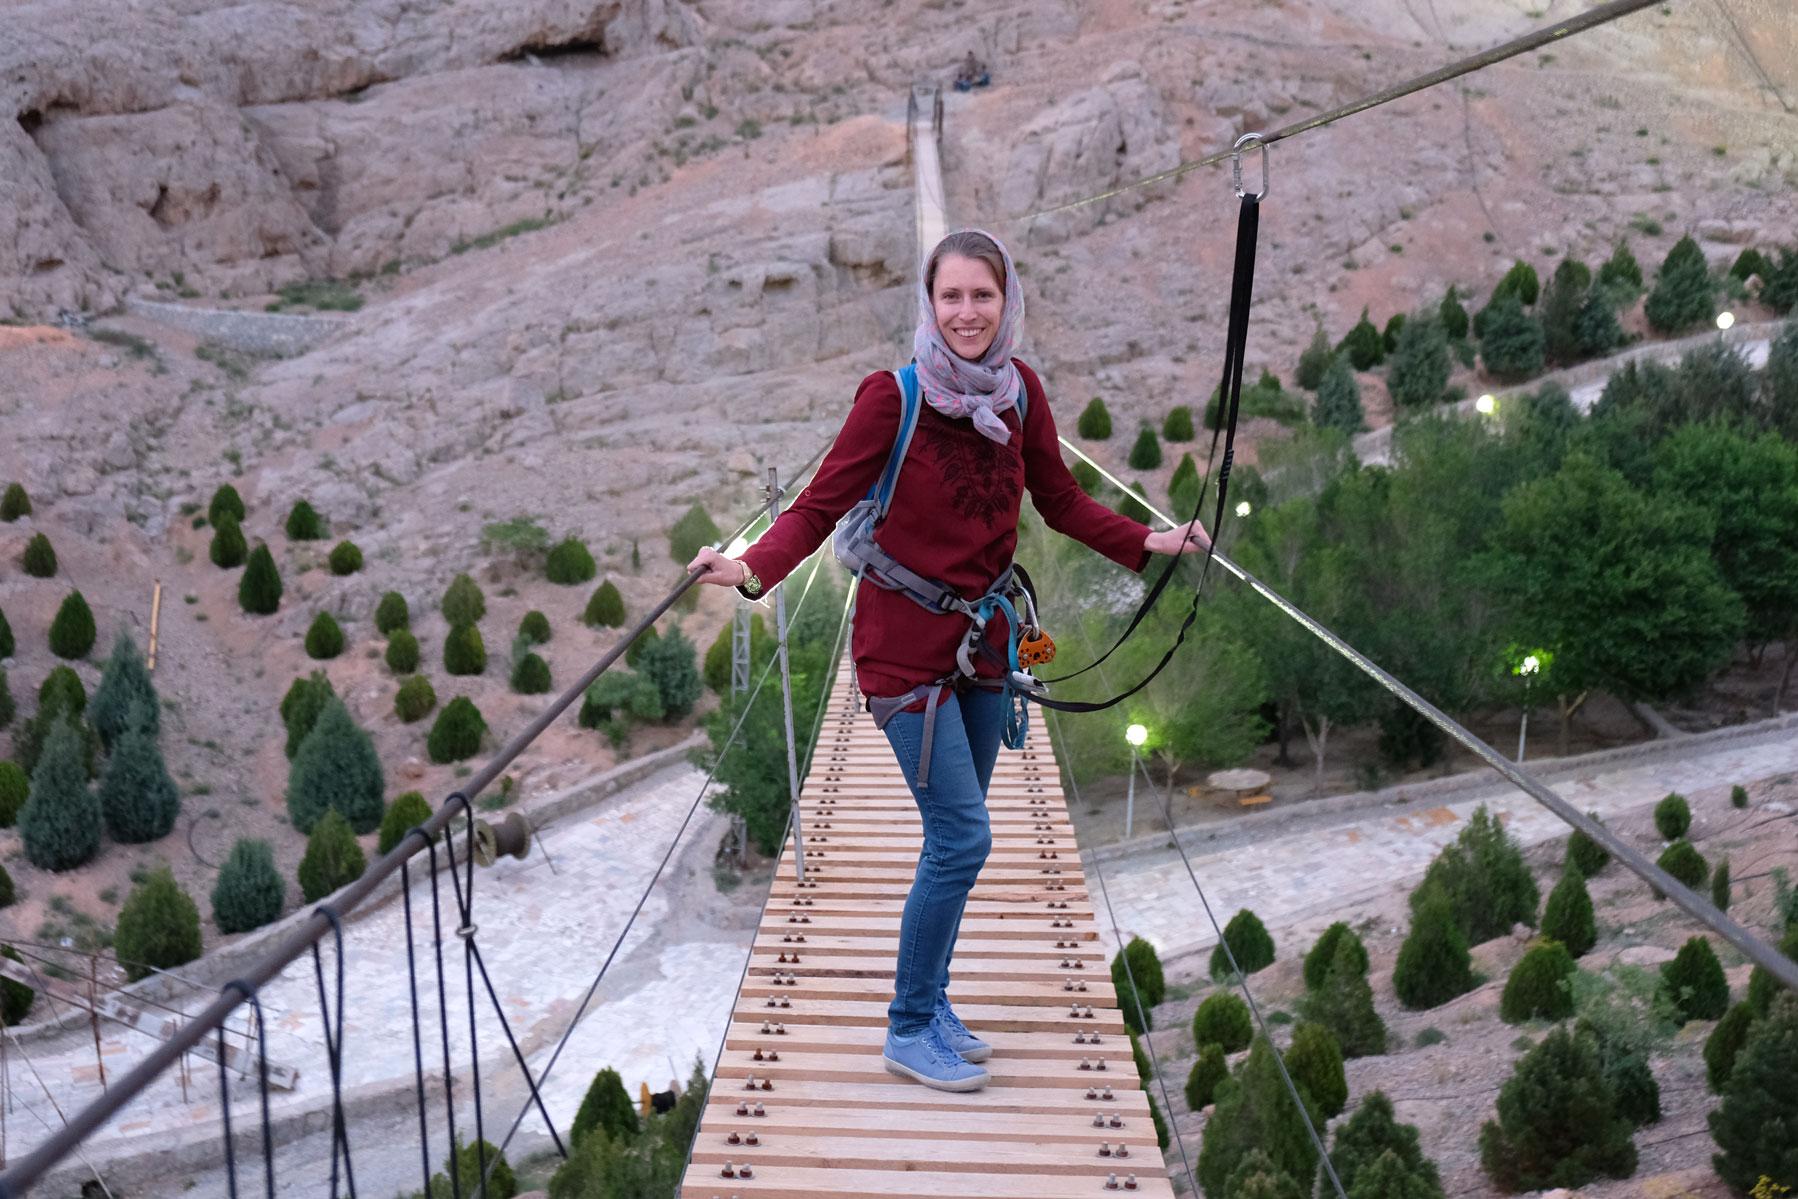 Leo auf einer schmalen Hängebrücke